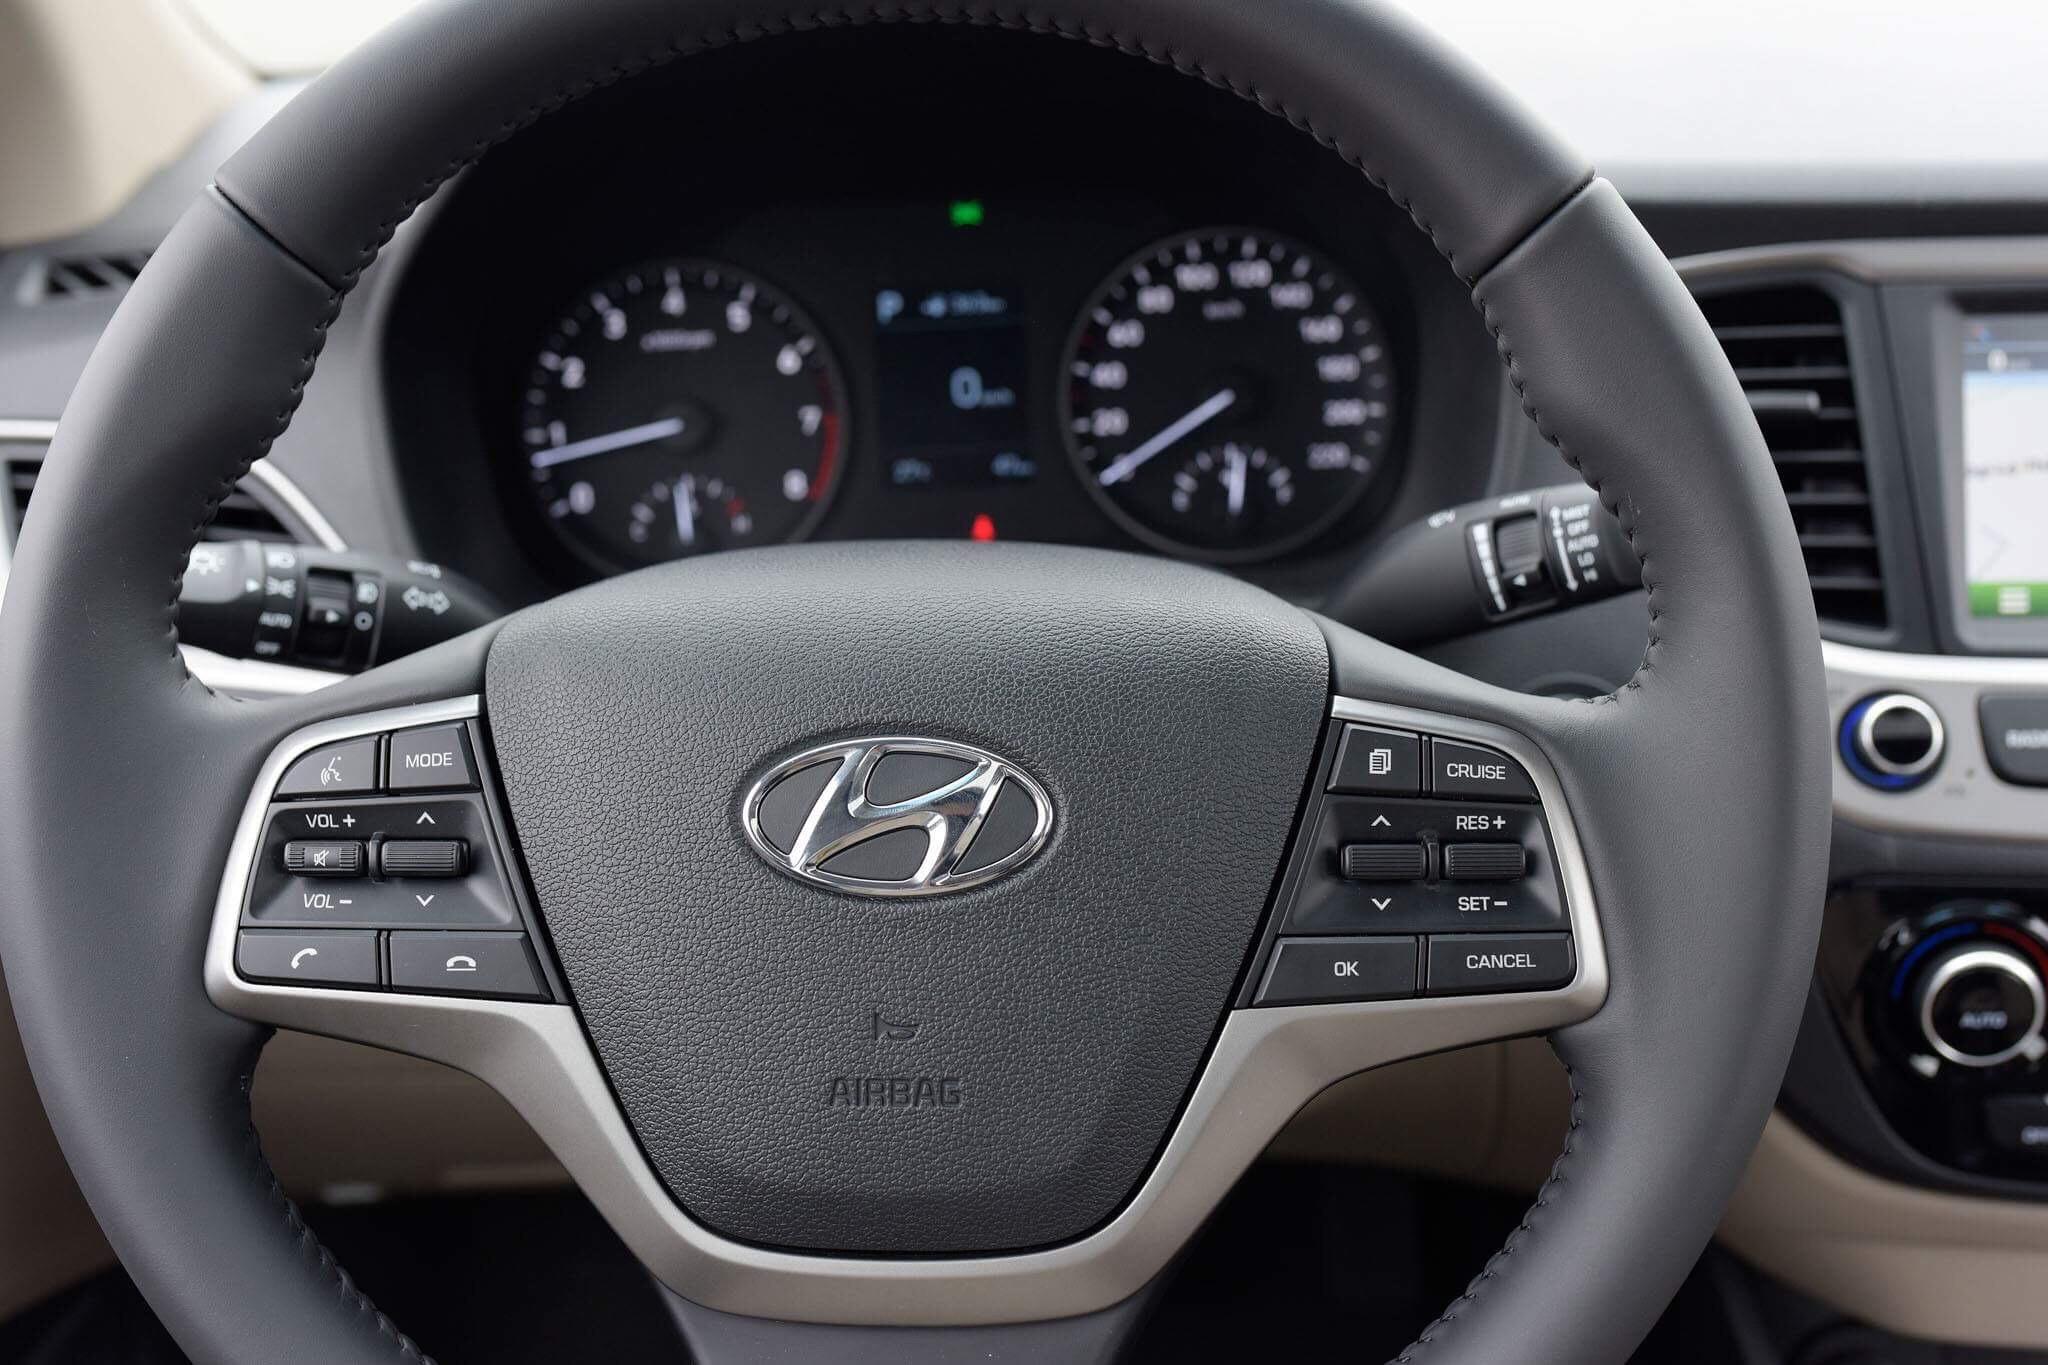 Hyundai accent anh 34 - Hyundai Accent mới: giá xe và khuyến mãi tháng [hienthithang]/[hienthinam]